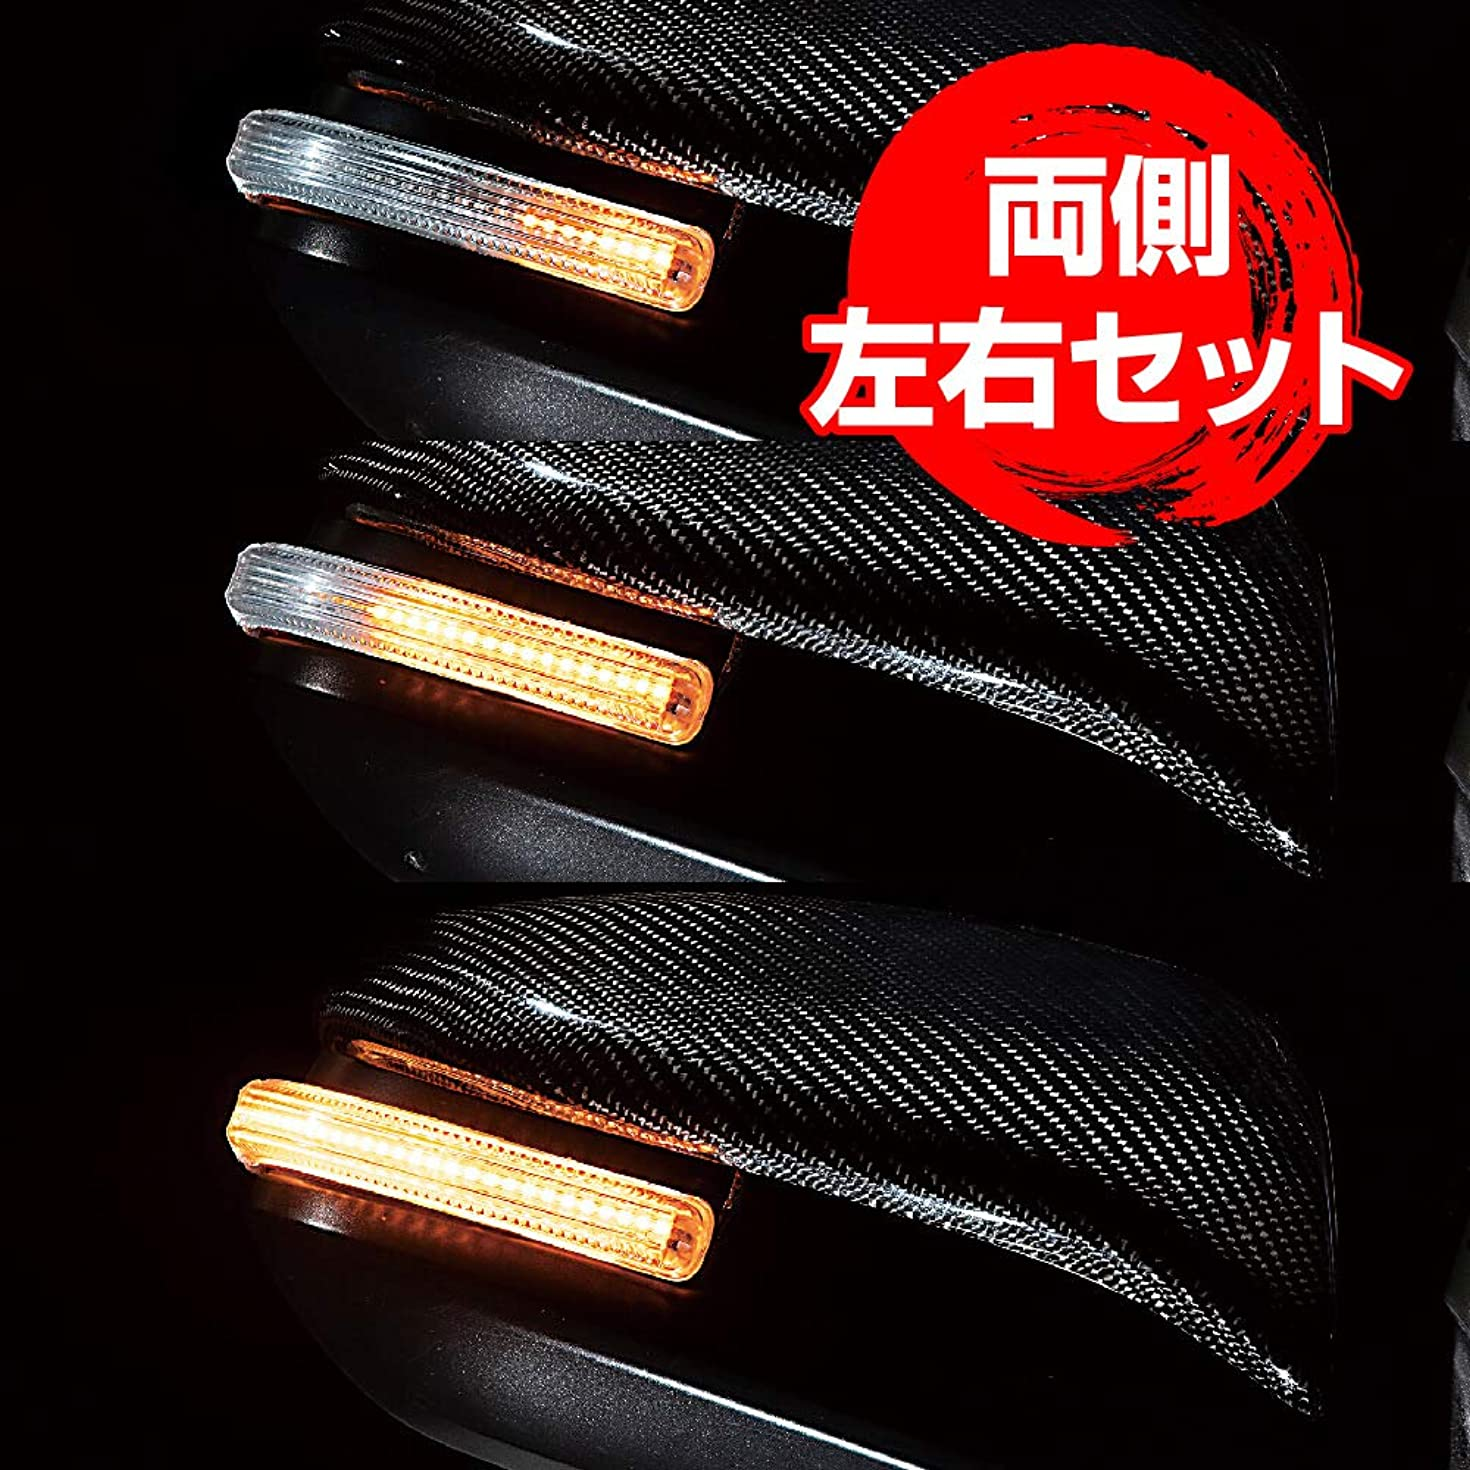 等体ささいな流れるLEDウインカーテープ LED45連 オレンジ カット可能 【G-FACTORY ORIGINAL】 車種問わず装着可能 汎用品